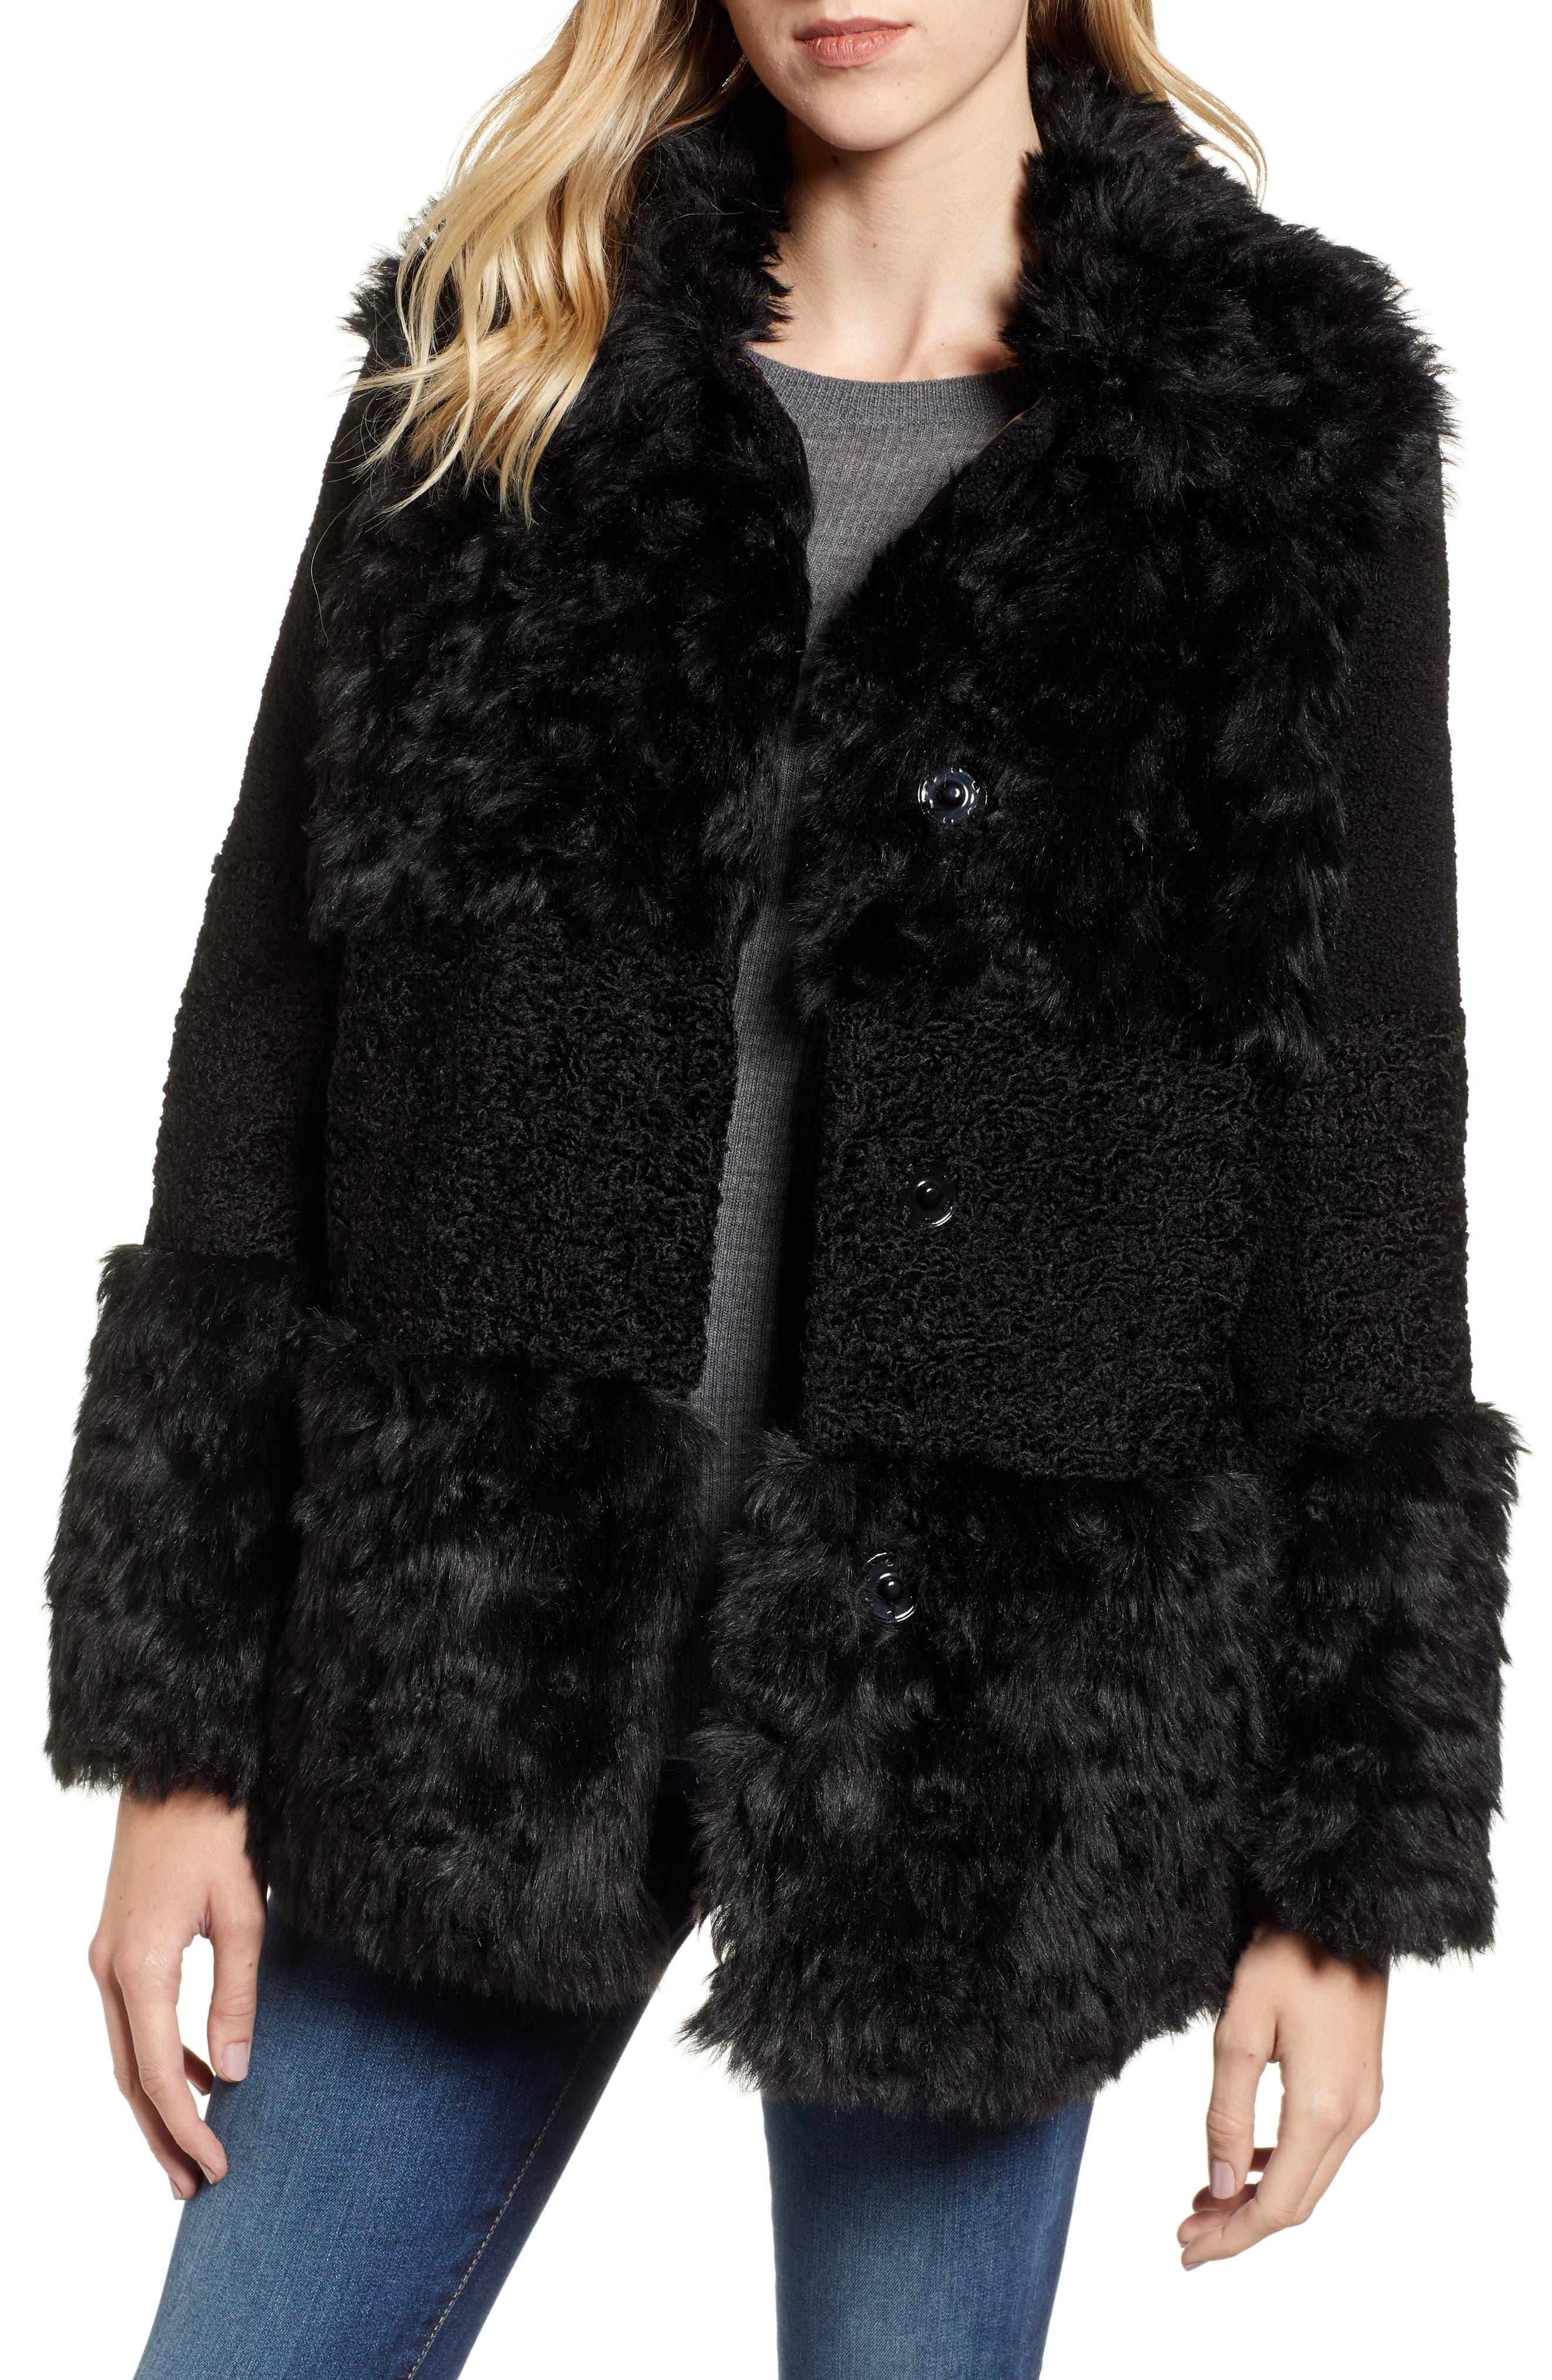 KENSIE, Faux Fur Patchwork Coat, Main thumbnail 1, color, 001